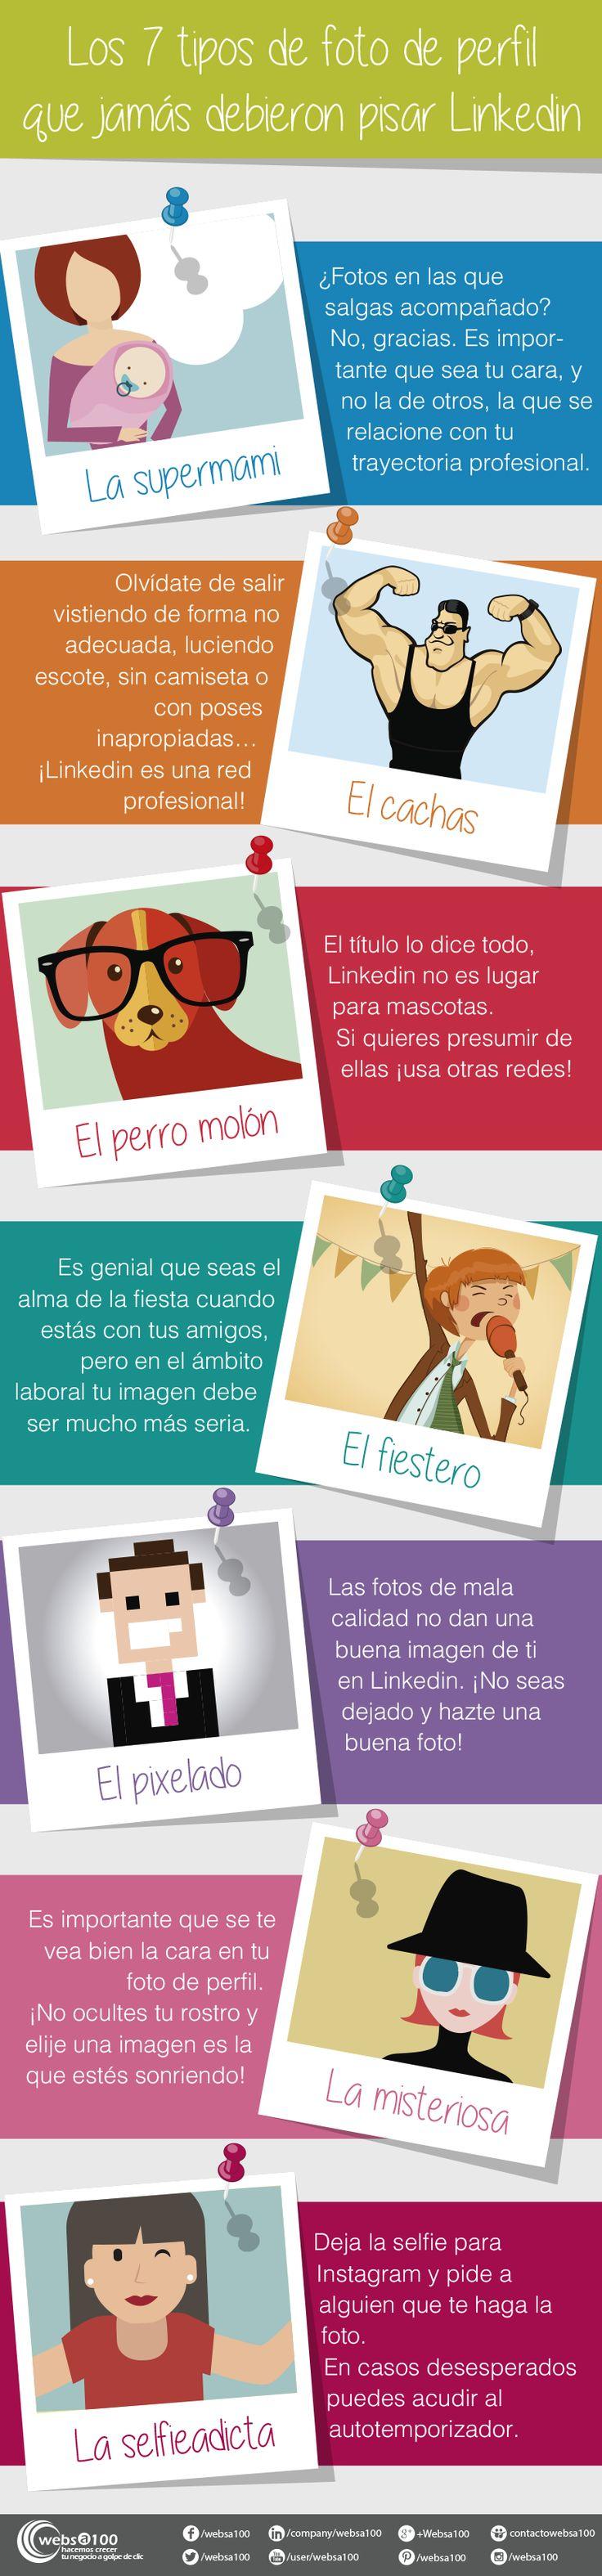 Los 7 tipos de foto de perfil que jamás debieron pisar Linkedin. Infografía en español. #CommunityManager